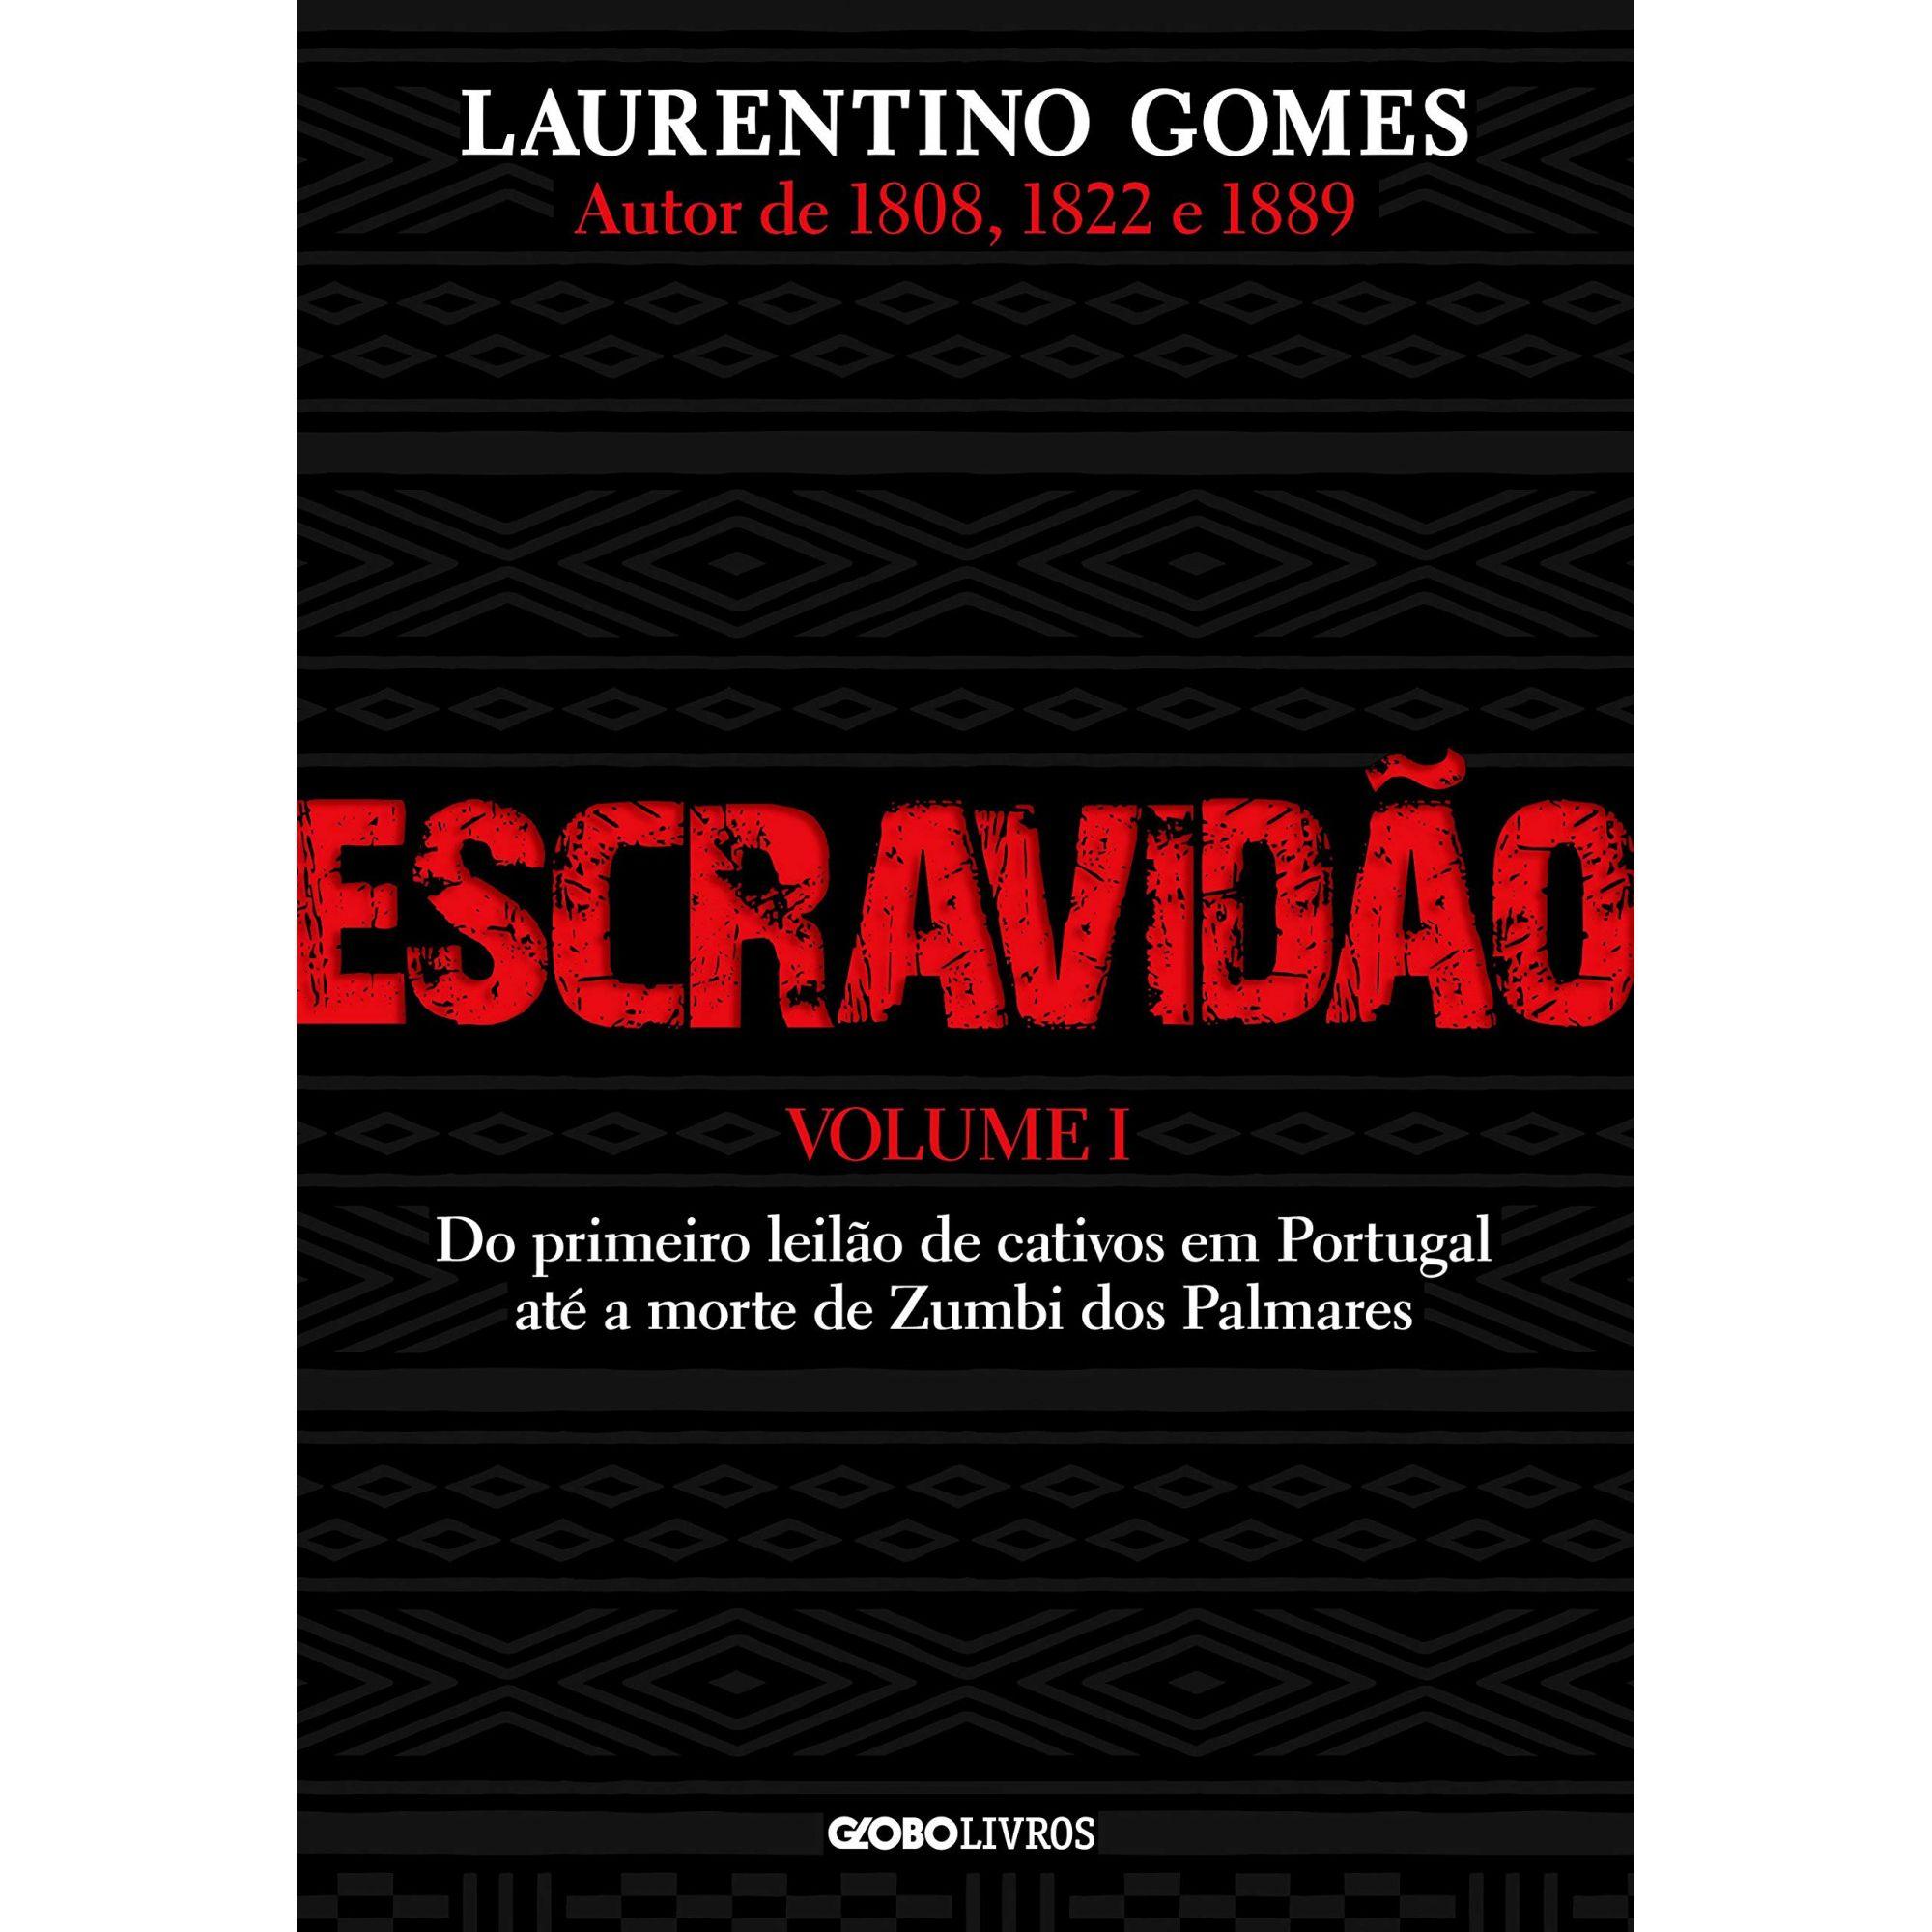 ESCRAVIDÃO - VOL. 1 DO PRIMEIRO LEILÃO DE CATIVOS EM PORTUGAL ATÉ A MORTE DE ZUMBI DOS PALMARES